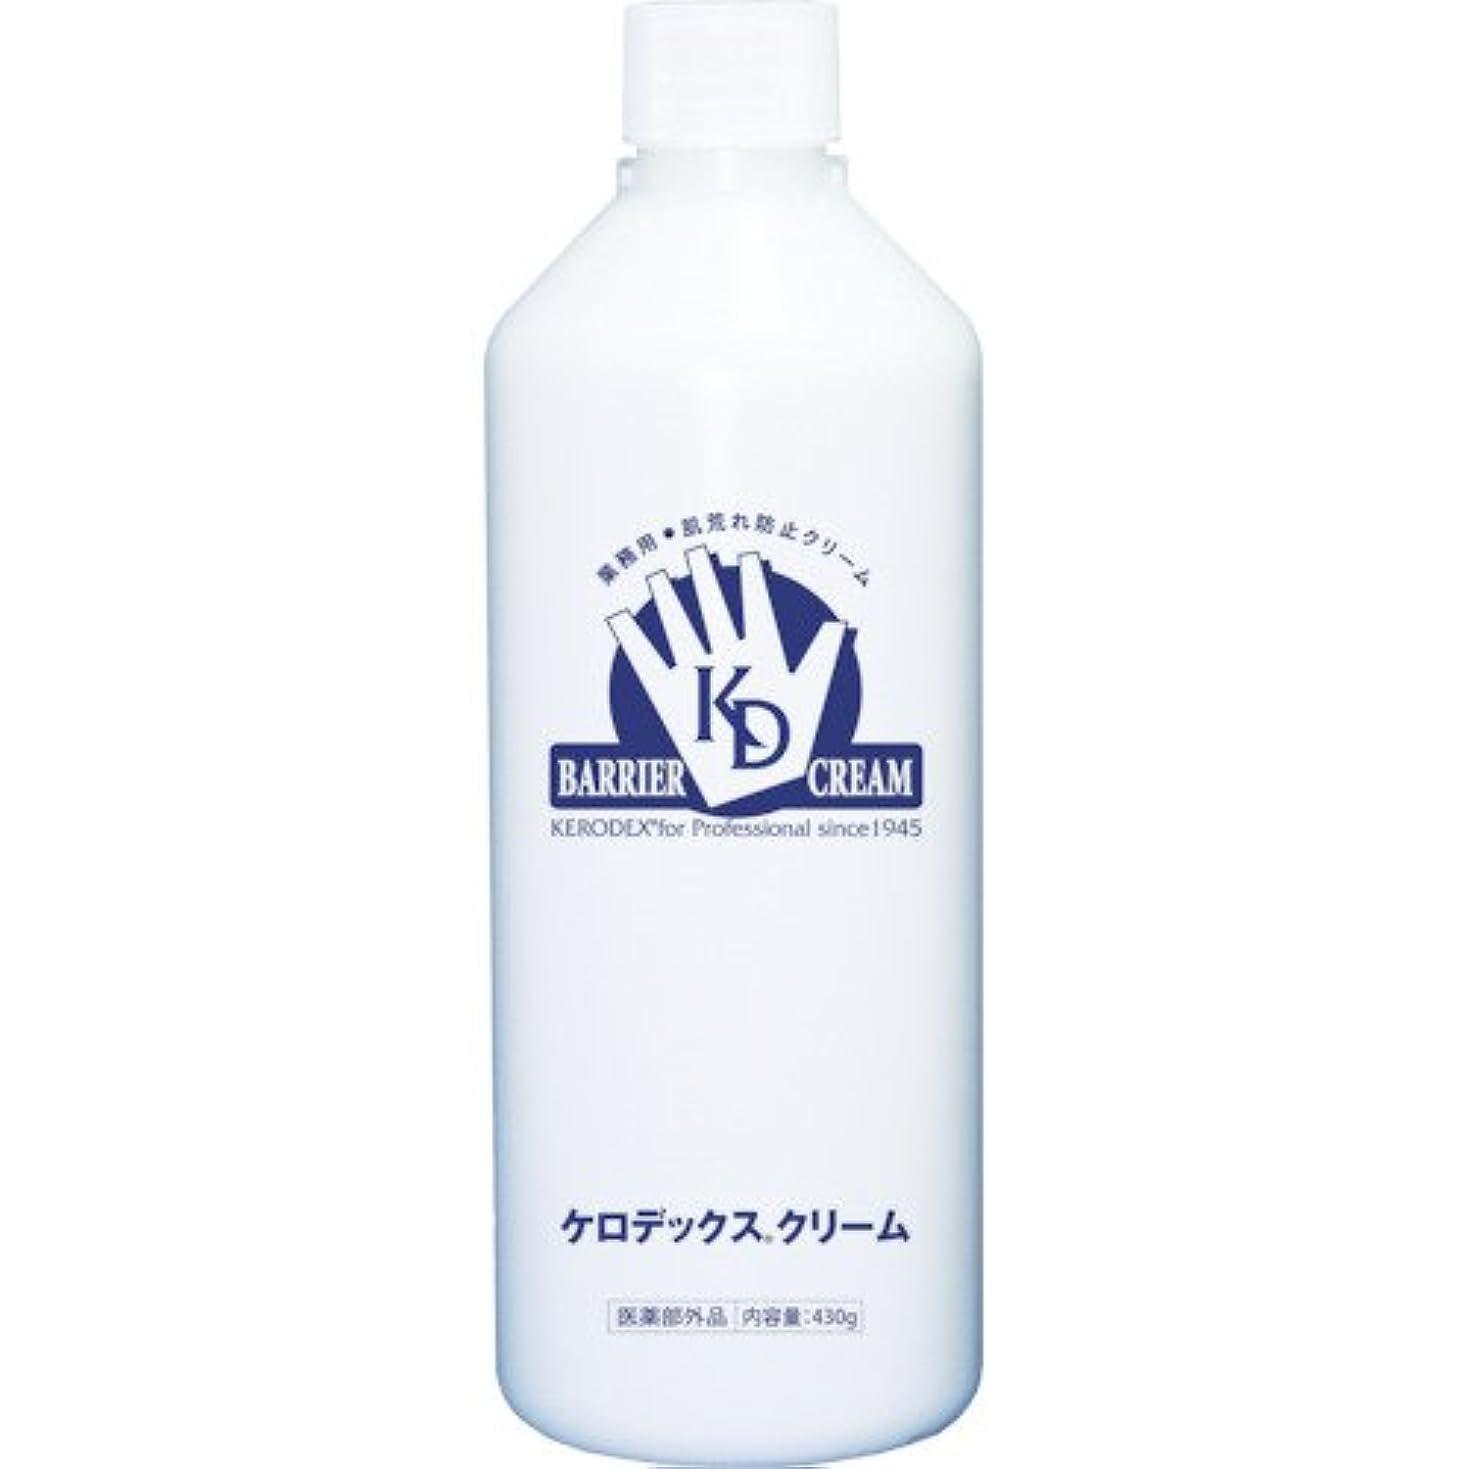 尊敬熟達した含意ケロデックスクリーム ボトルタイプ 詰替用 430g